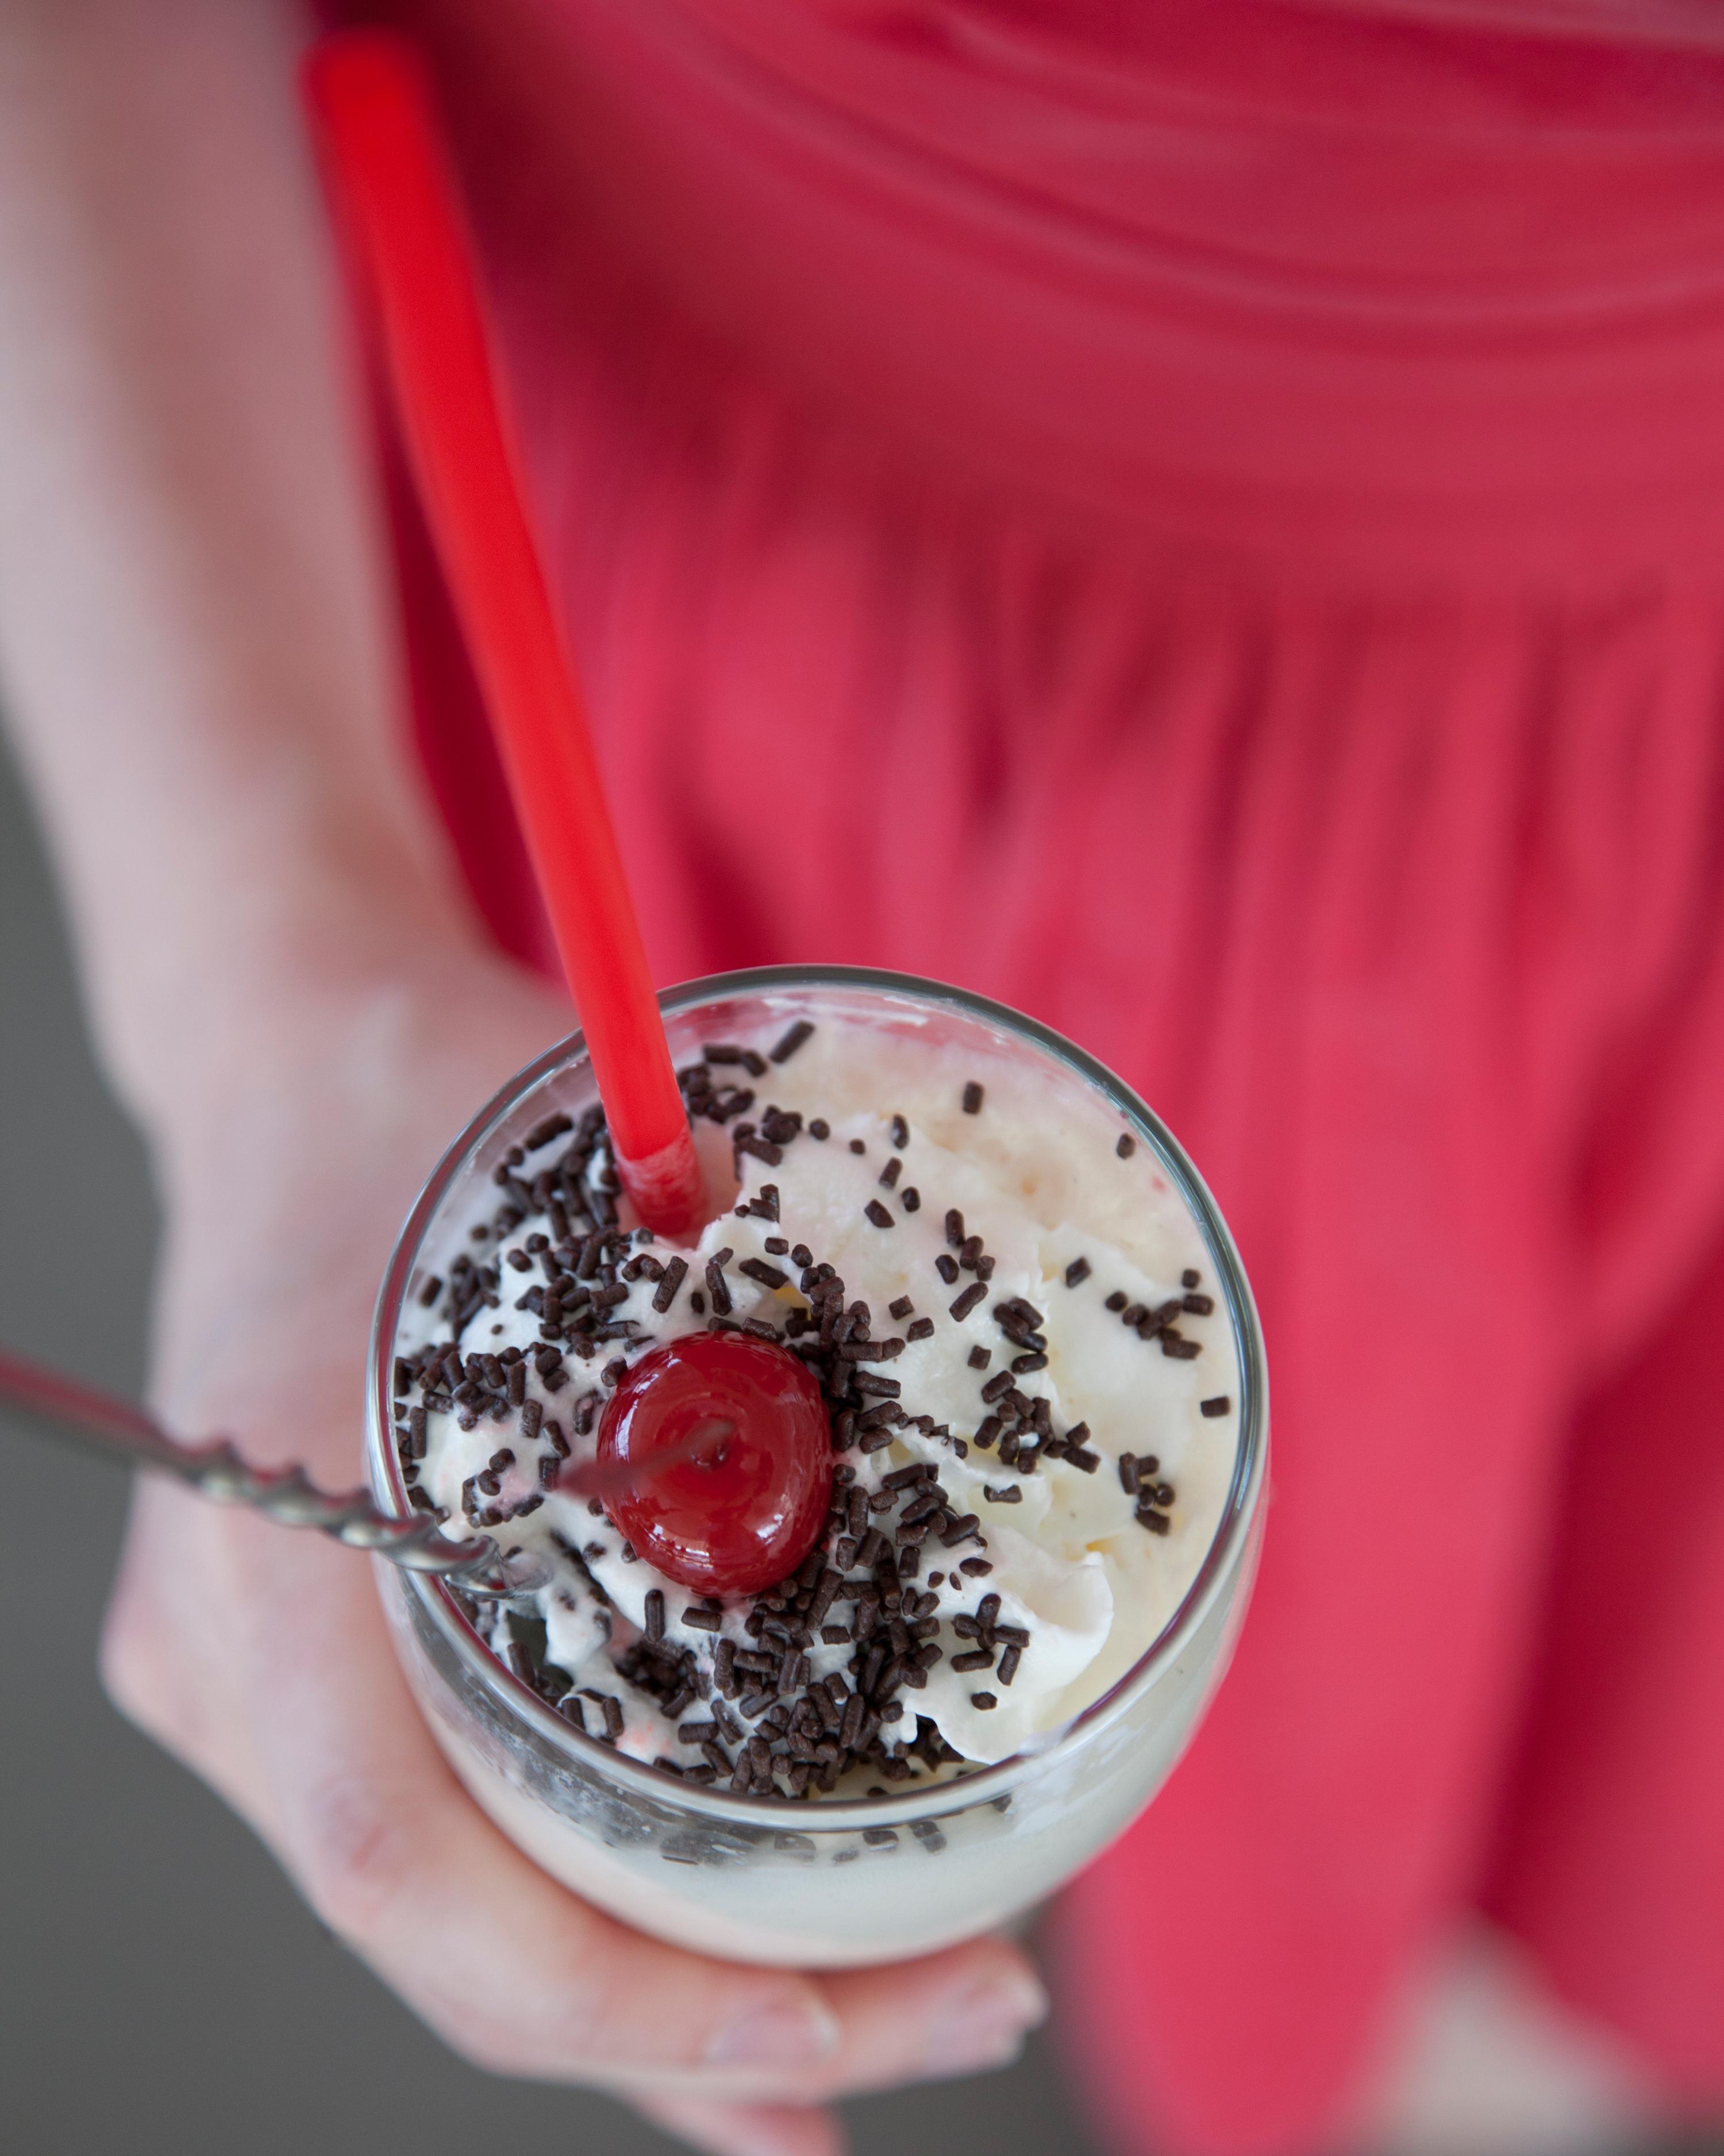 retro-ice-cream-parlor-bridal-shower-garrett-signature-milkshake-with-cherry-0815.jpg